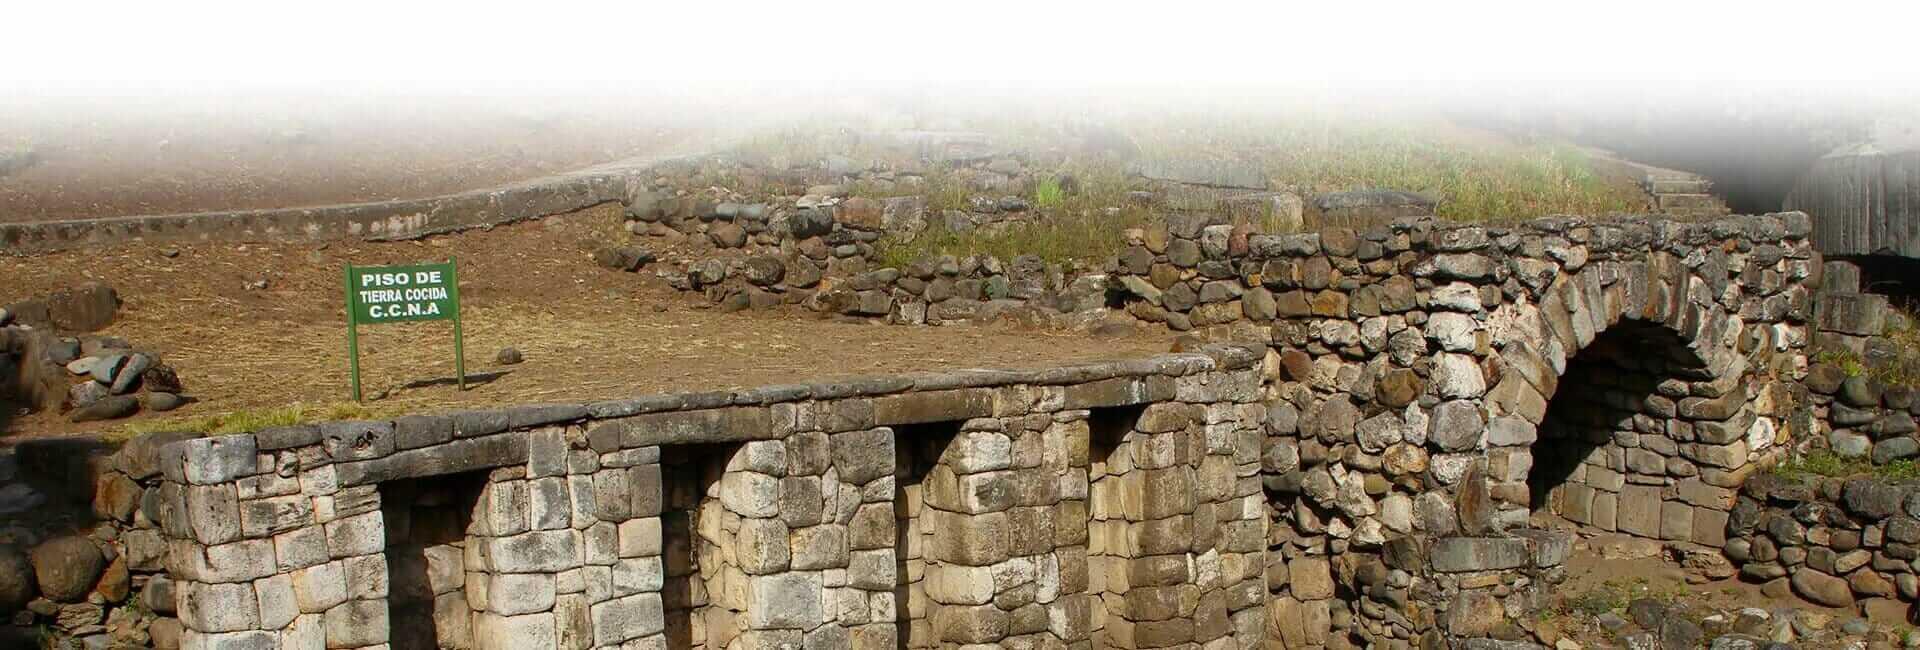 ingapirca walls ecuador